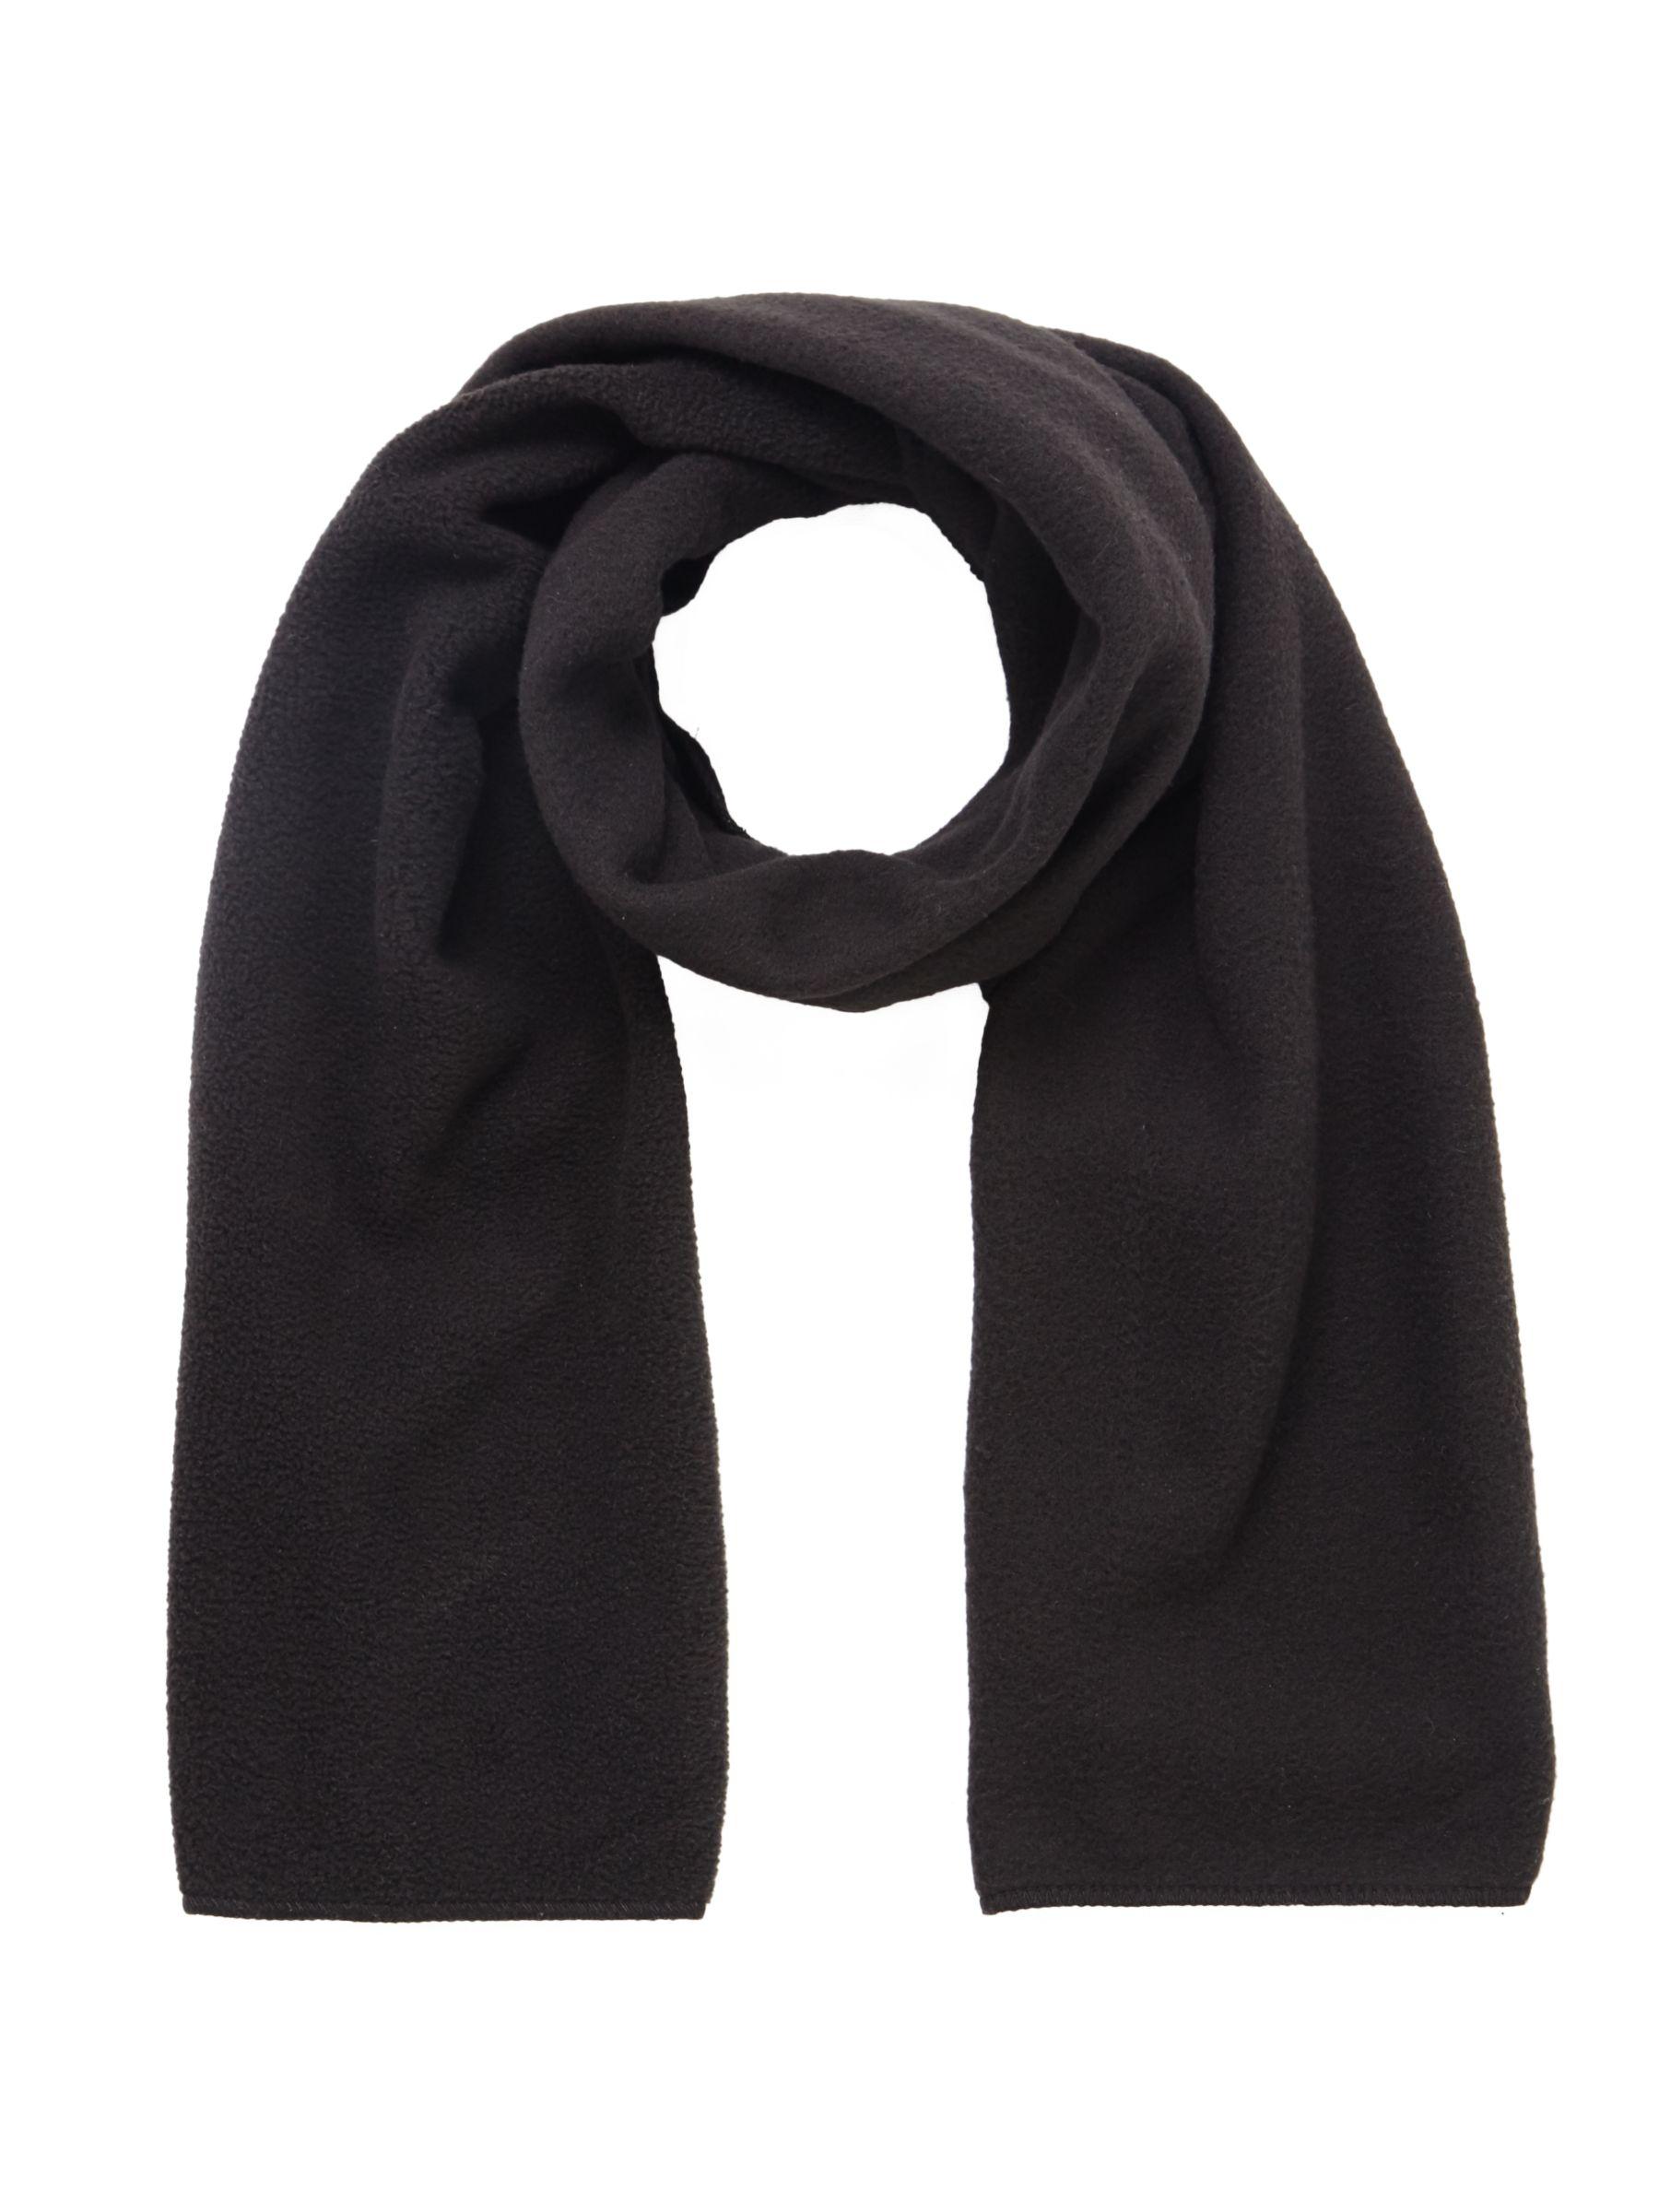 Unbranded School Fleece Scarf, One Size, Black